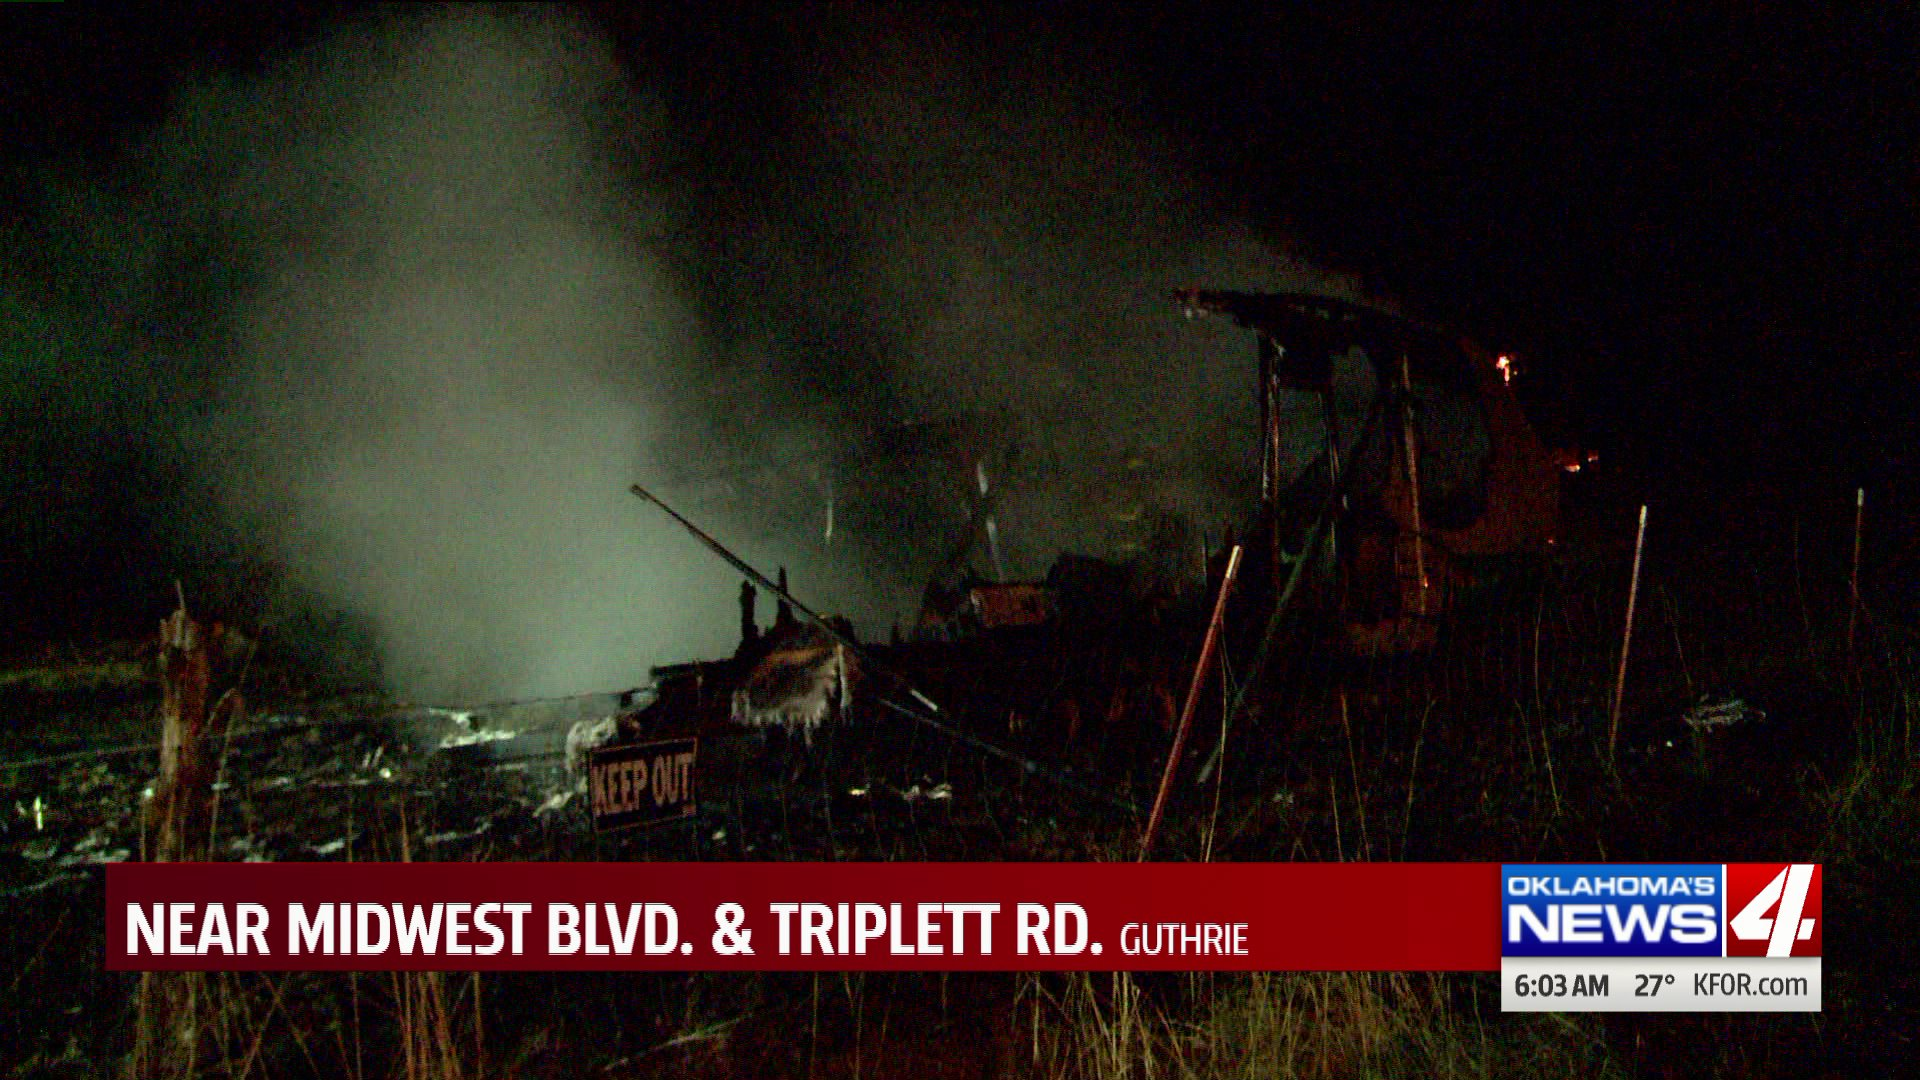 RV fire in Guthrie